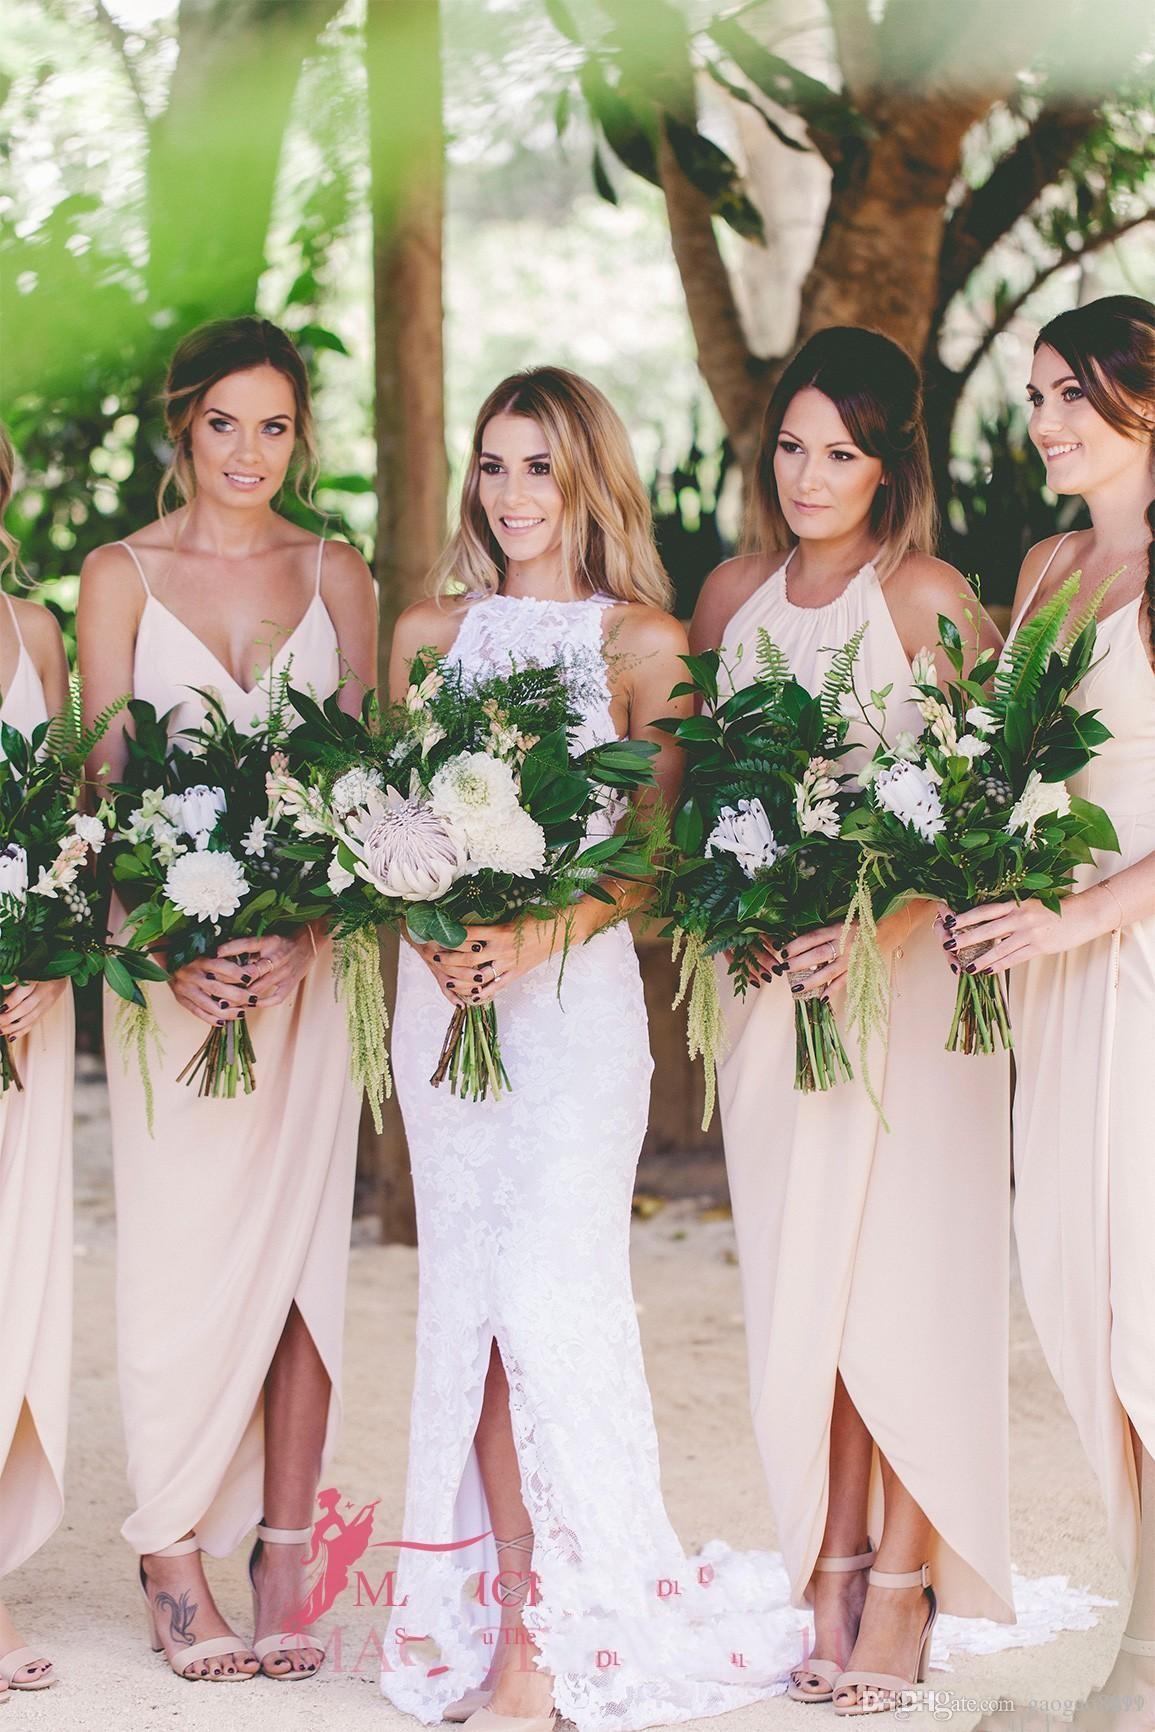 2019 Boho Chiffon Vestidos de Dama de honra A-Line Decote Em V Frente Dividir Ruffled Prom Party Vestidos de Tornozelo-Comprimento Praia Maid of Honor Vestido DTJ